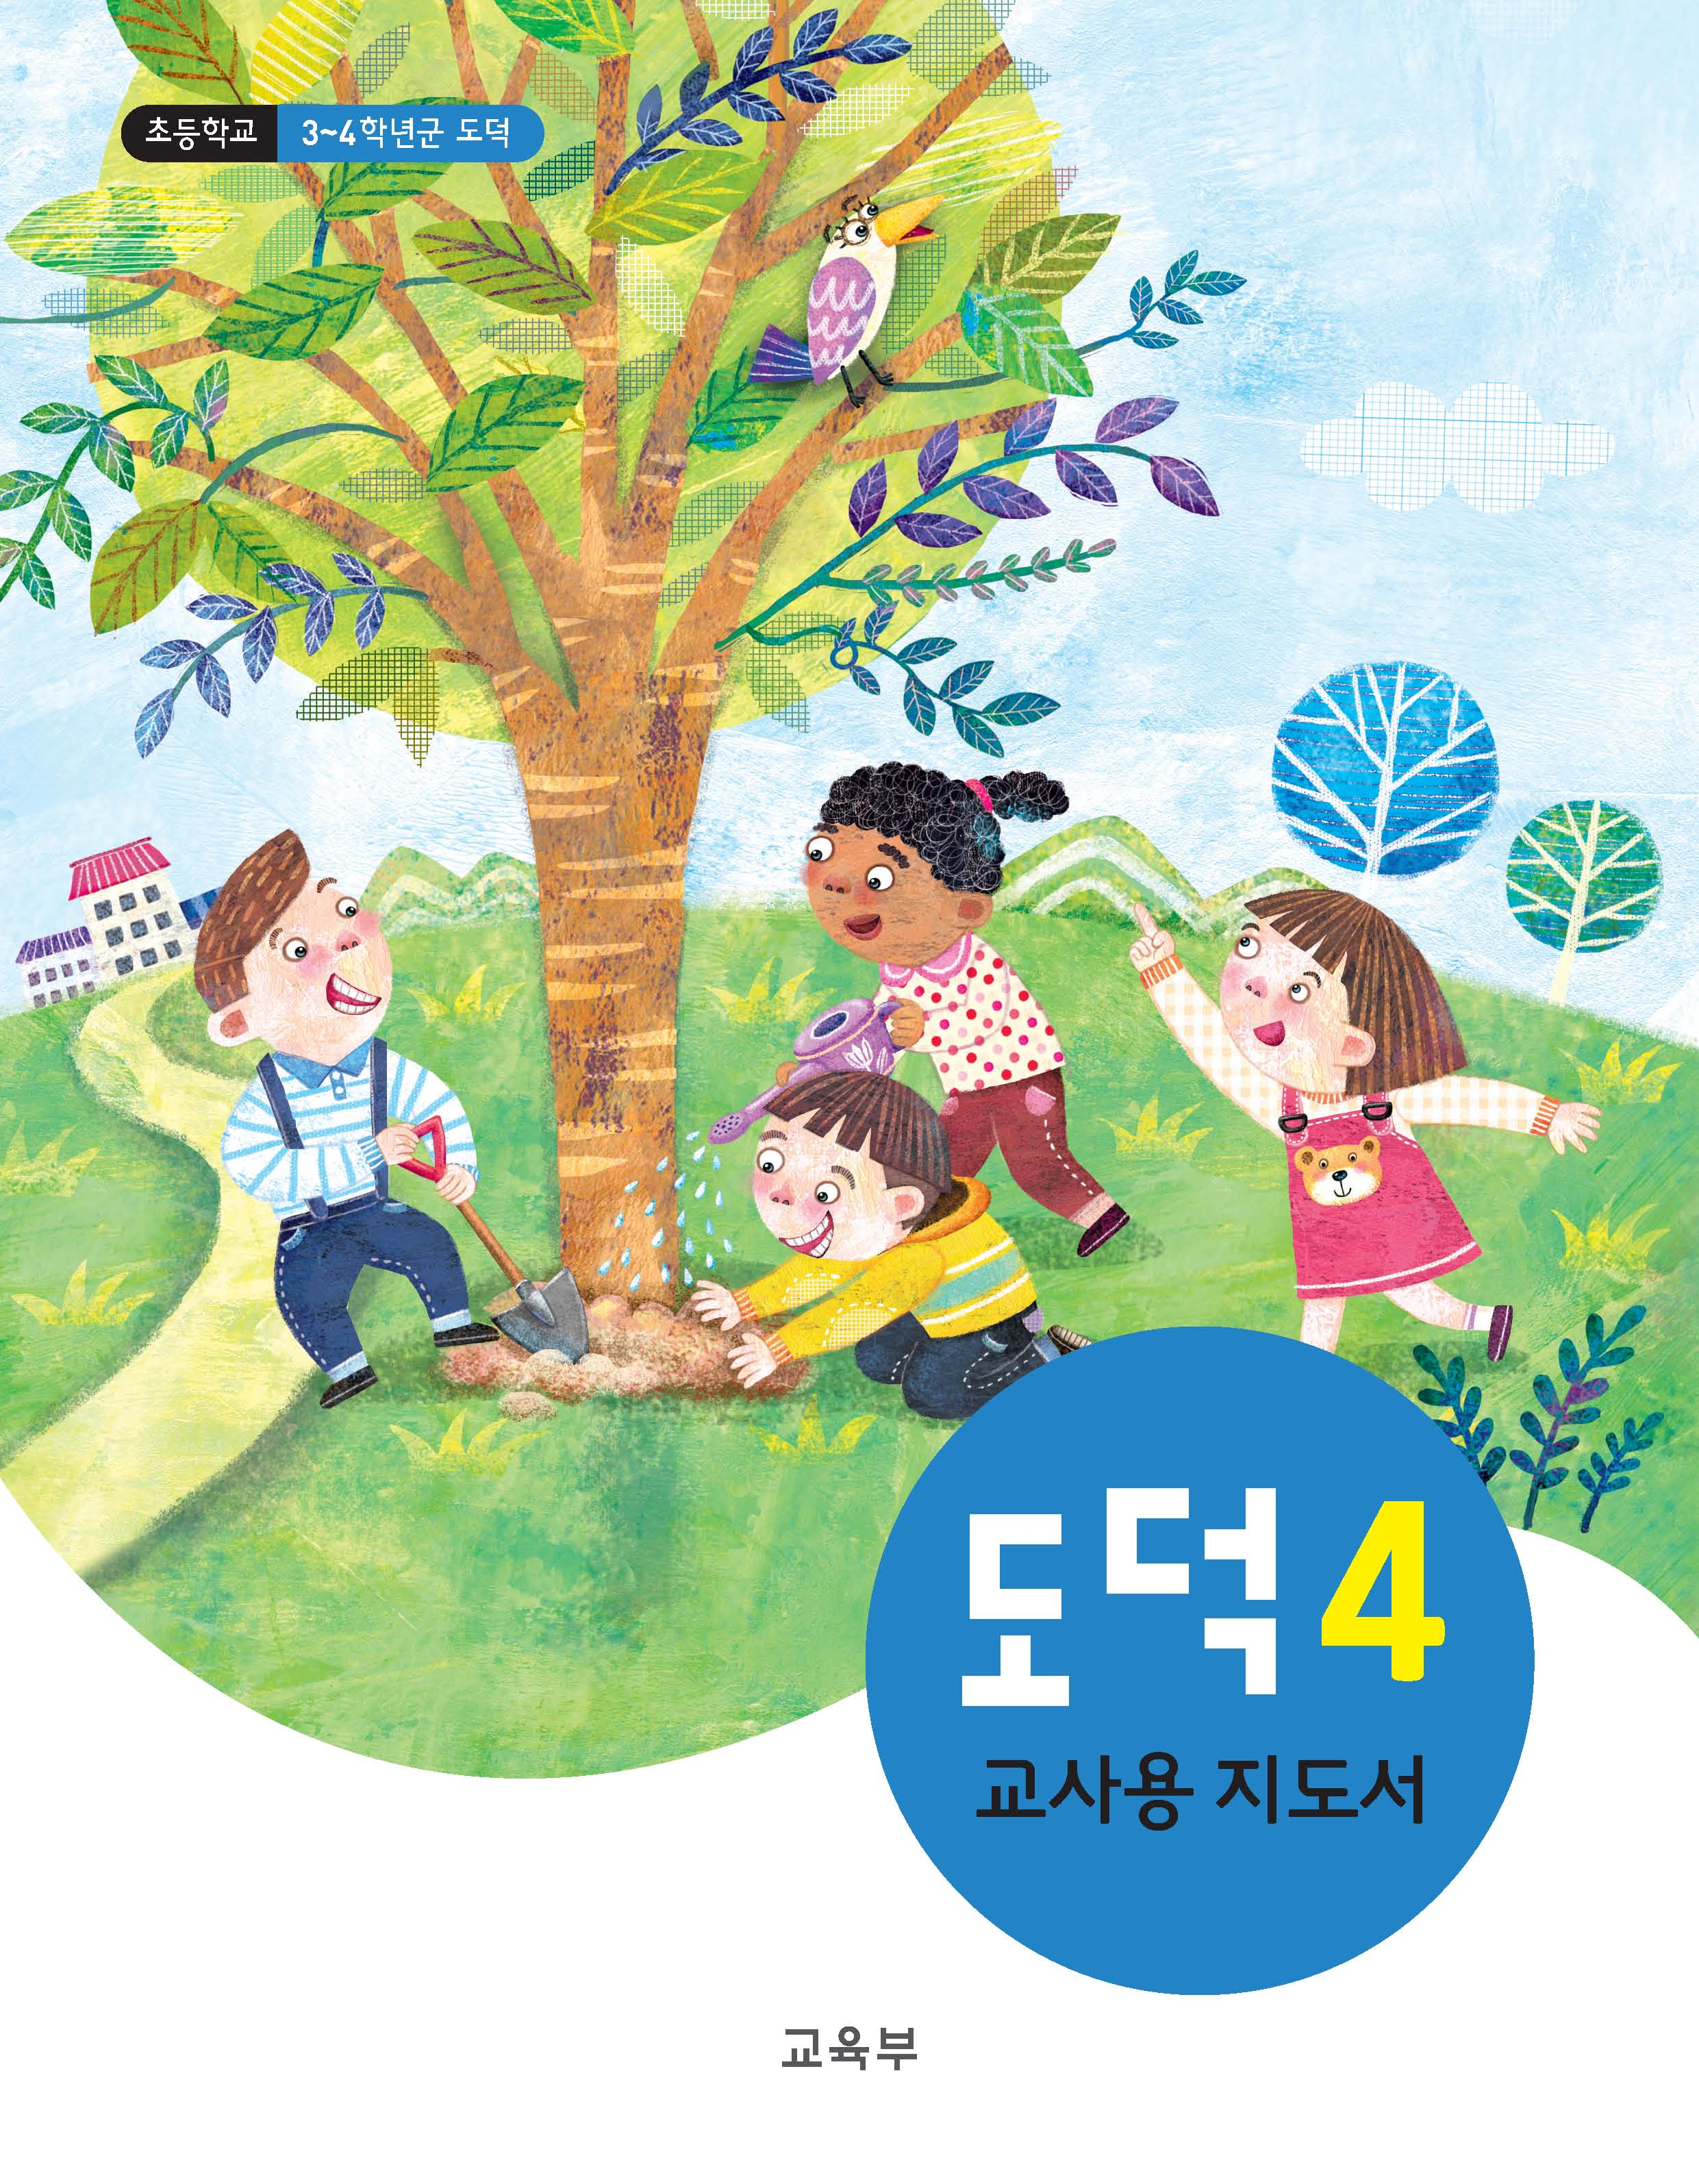 (2015개정_국정)初3~4학년군 도덕 4 지도서